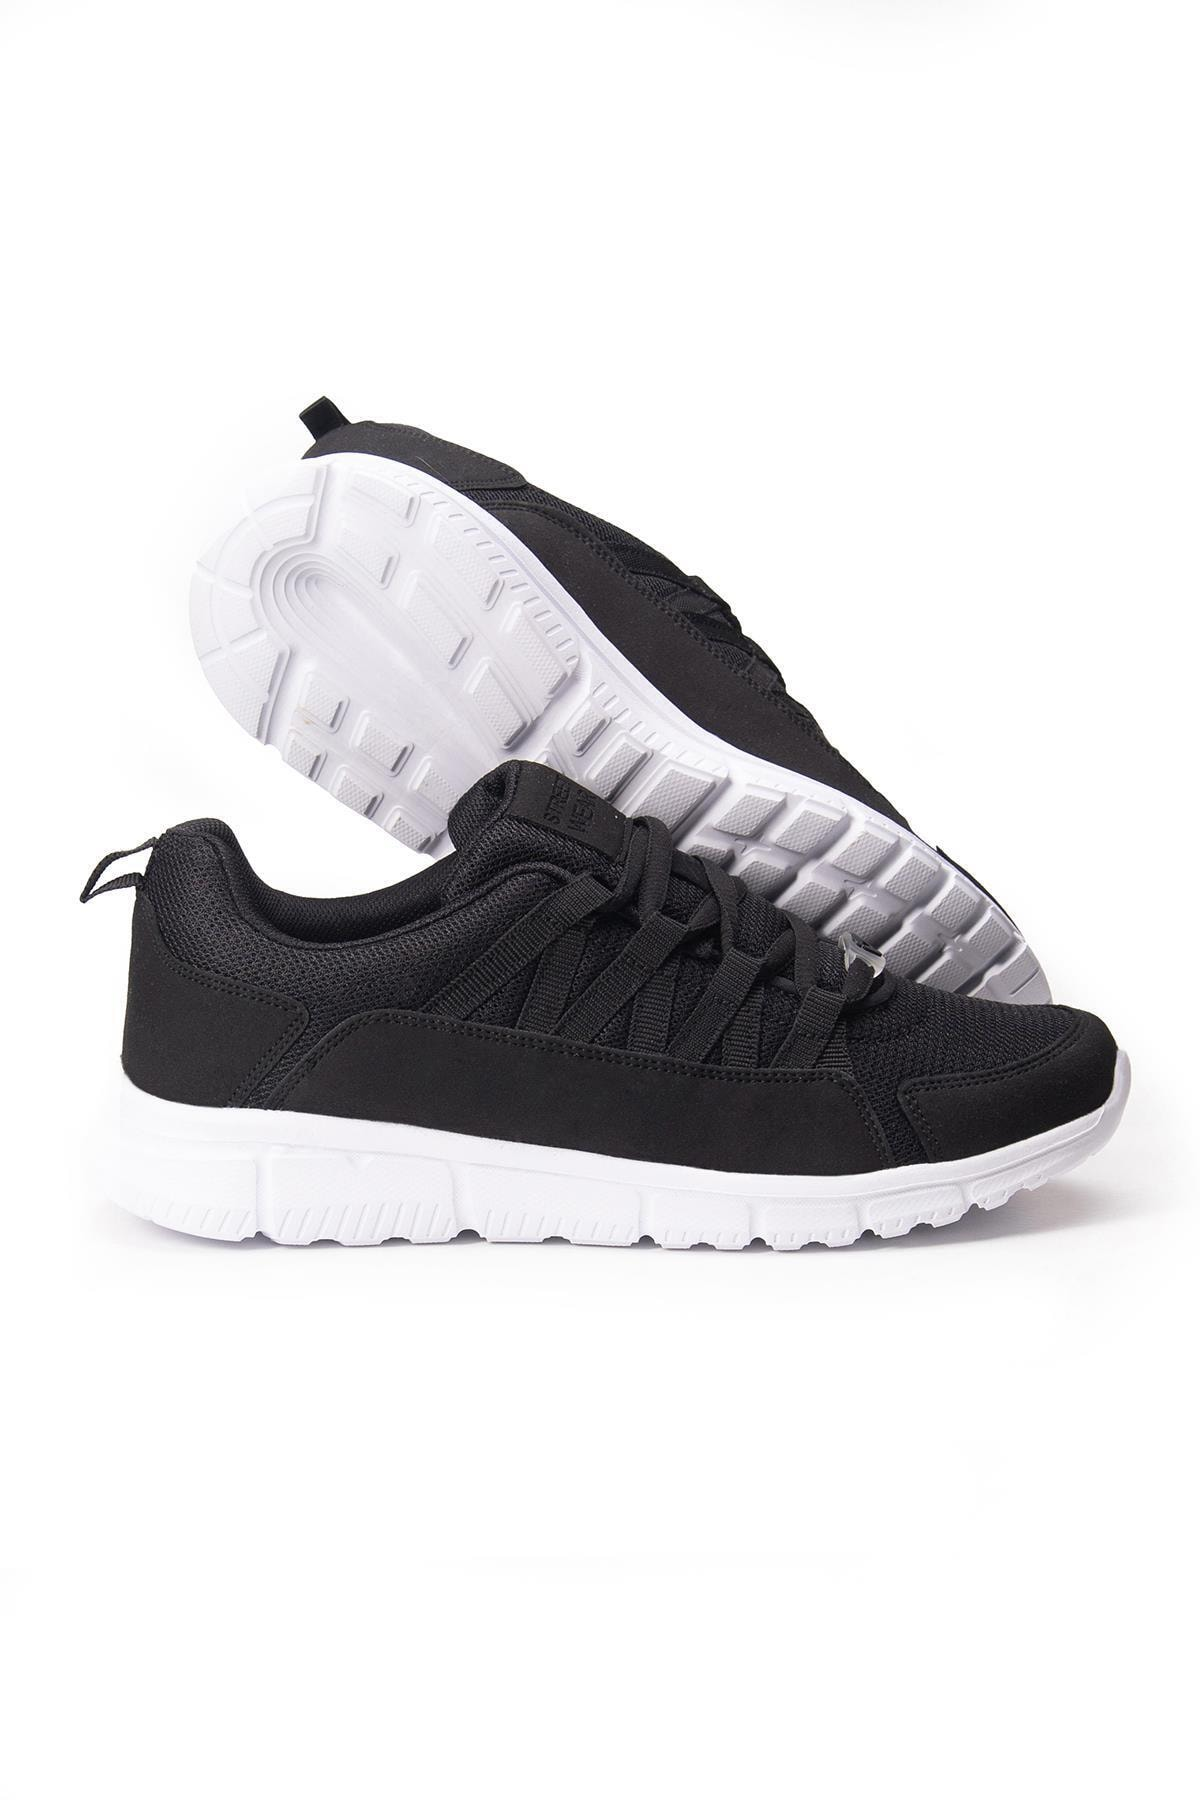 LETOON 2056yn Erkek Spor Ayakkabı 1